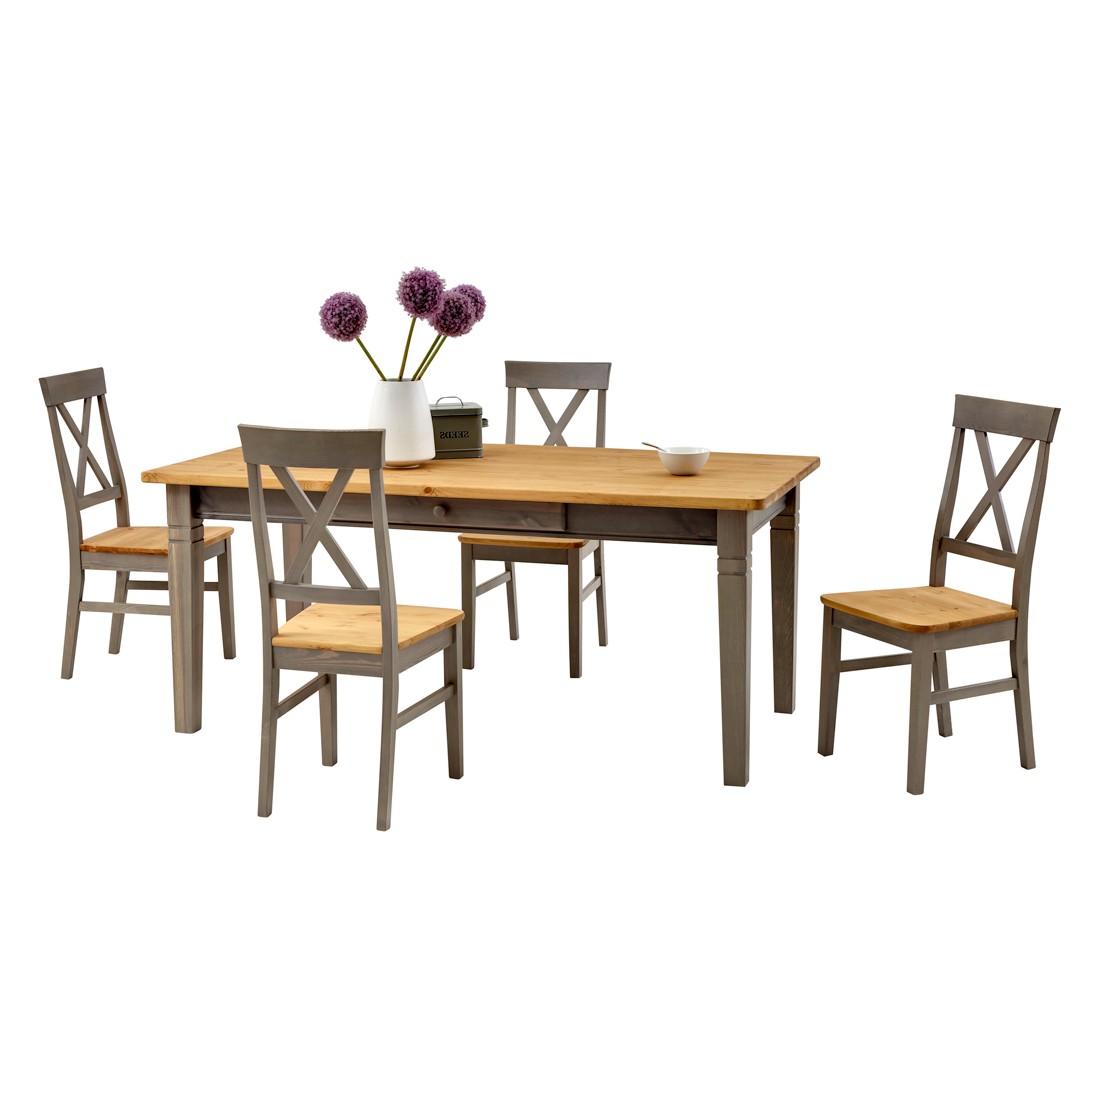 Home 24 - Ensemble de salle à manger bergen (5 éléments) - pin massif - gris / couleur bois lessivé, landhaus classic